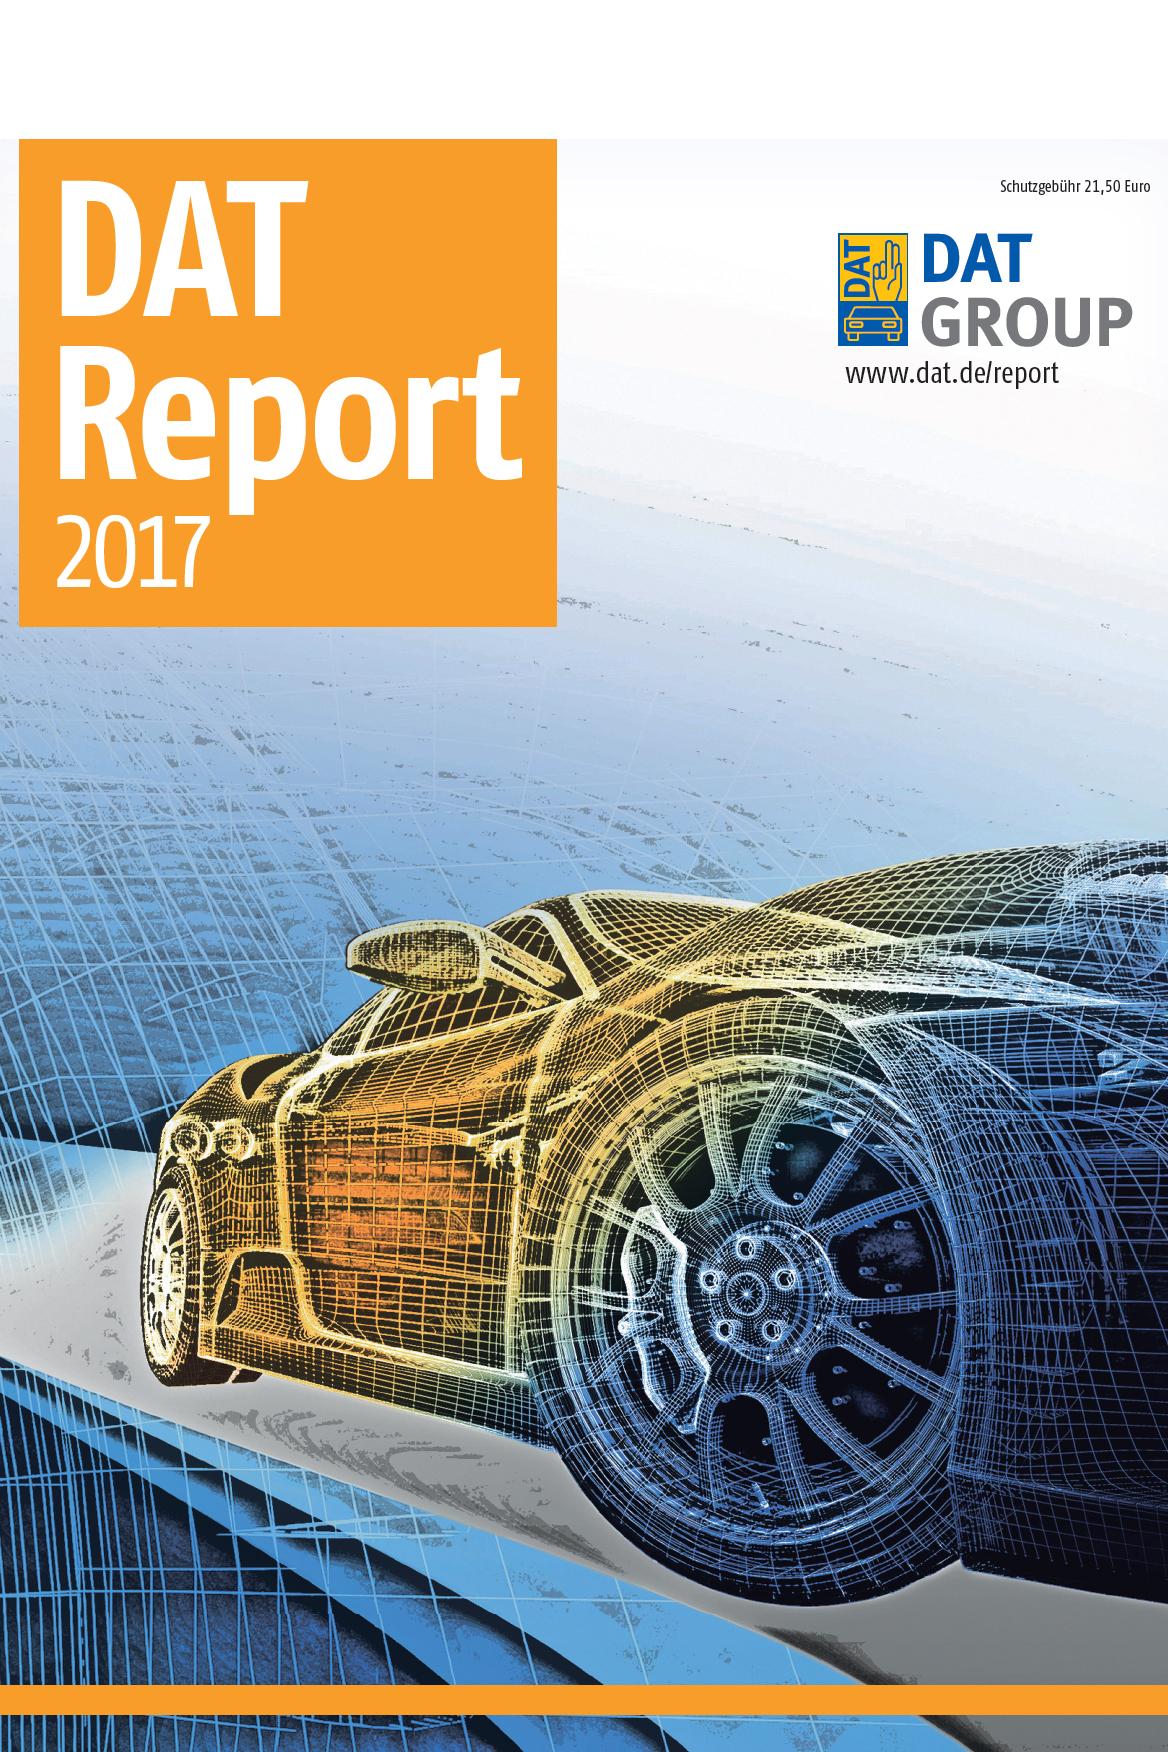 mid Groß-Gerau - Der DAT-Report in der Ausgabe 2017 bietet umfangreiche Materialien zur automobilen Befindlichkeit in Deutschland.